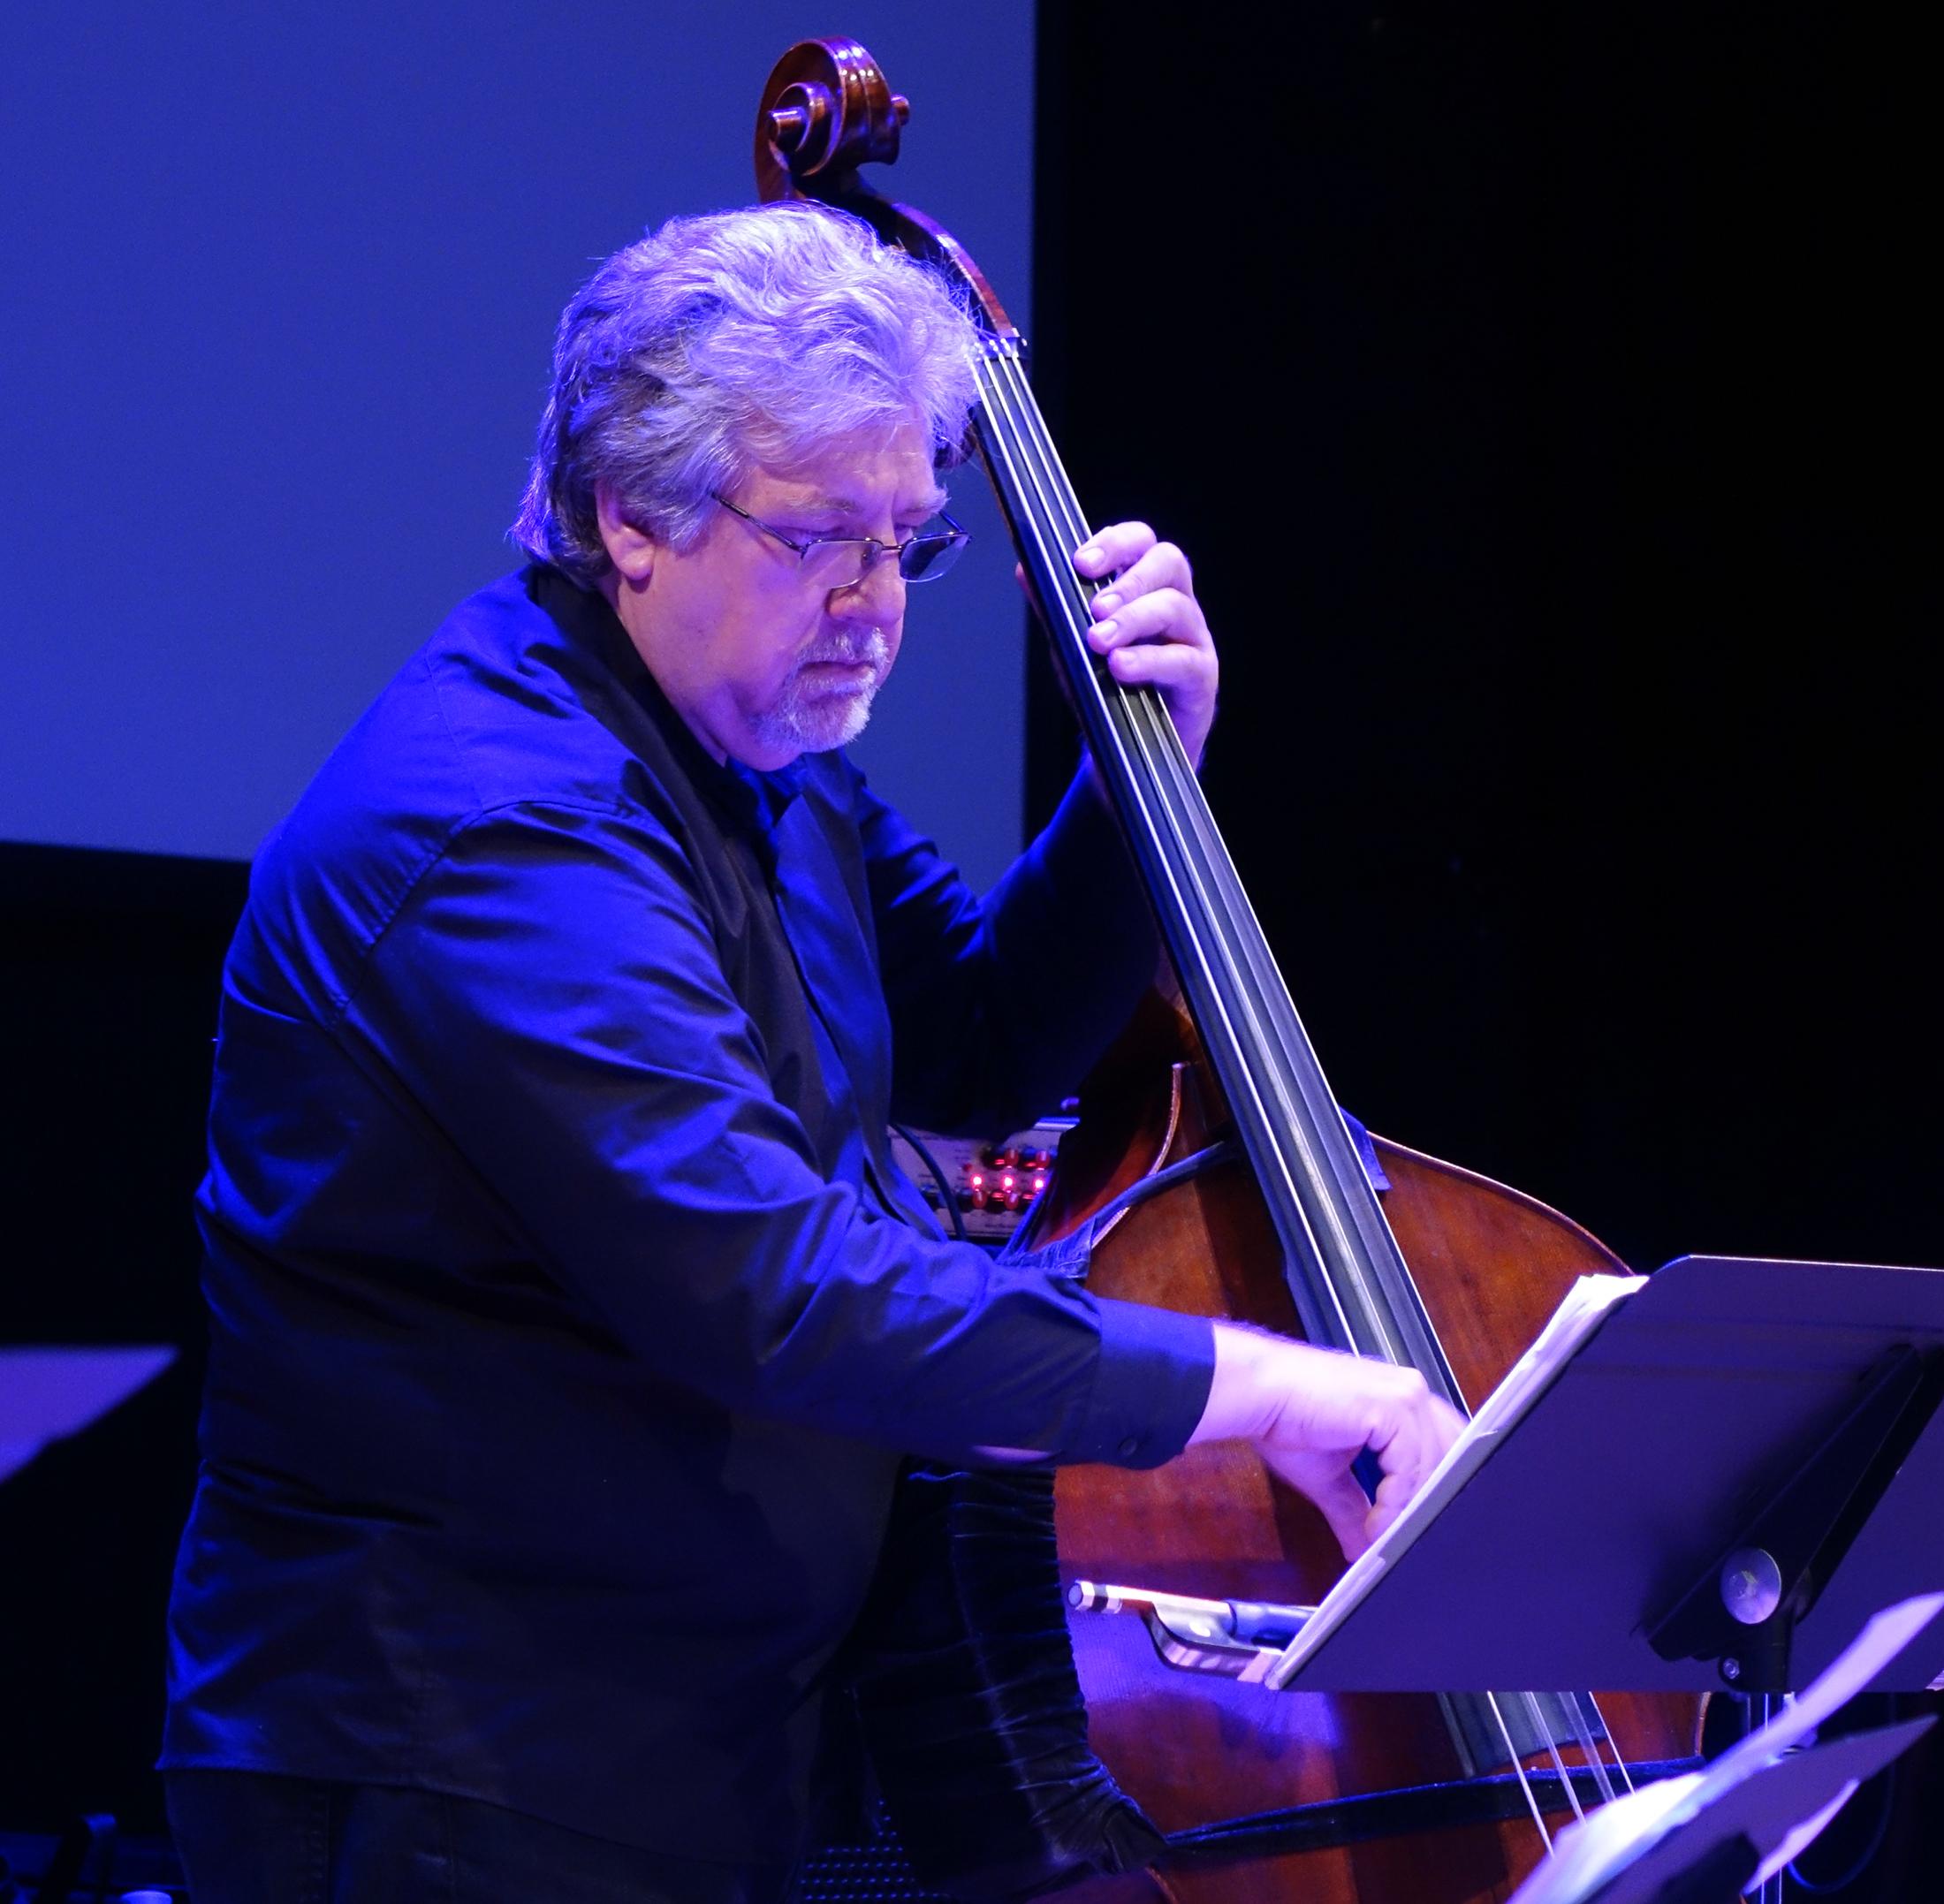 Michael Formanek at Vision 23